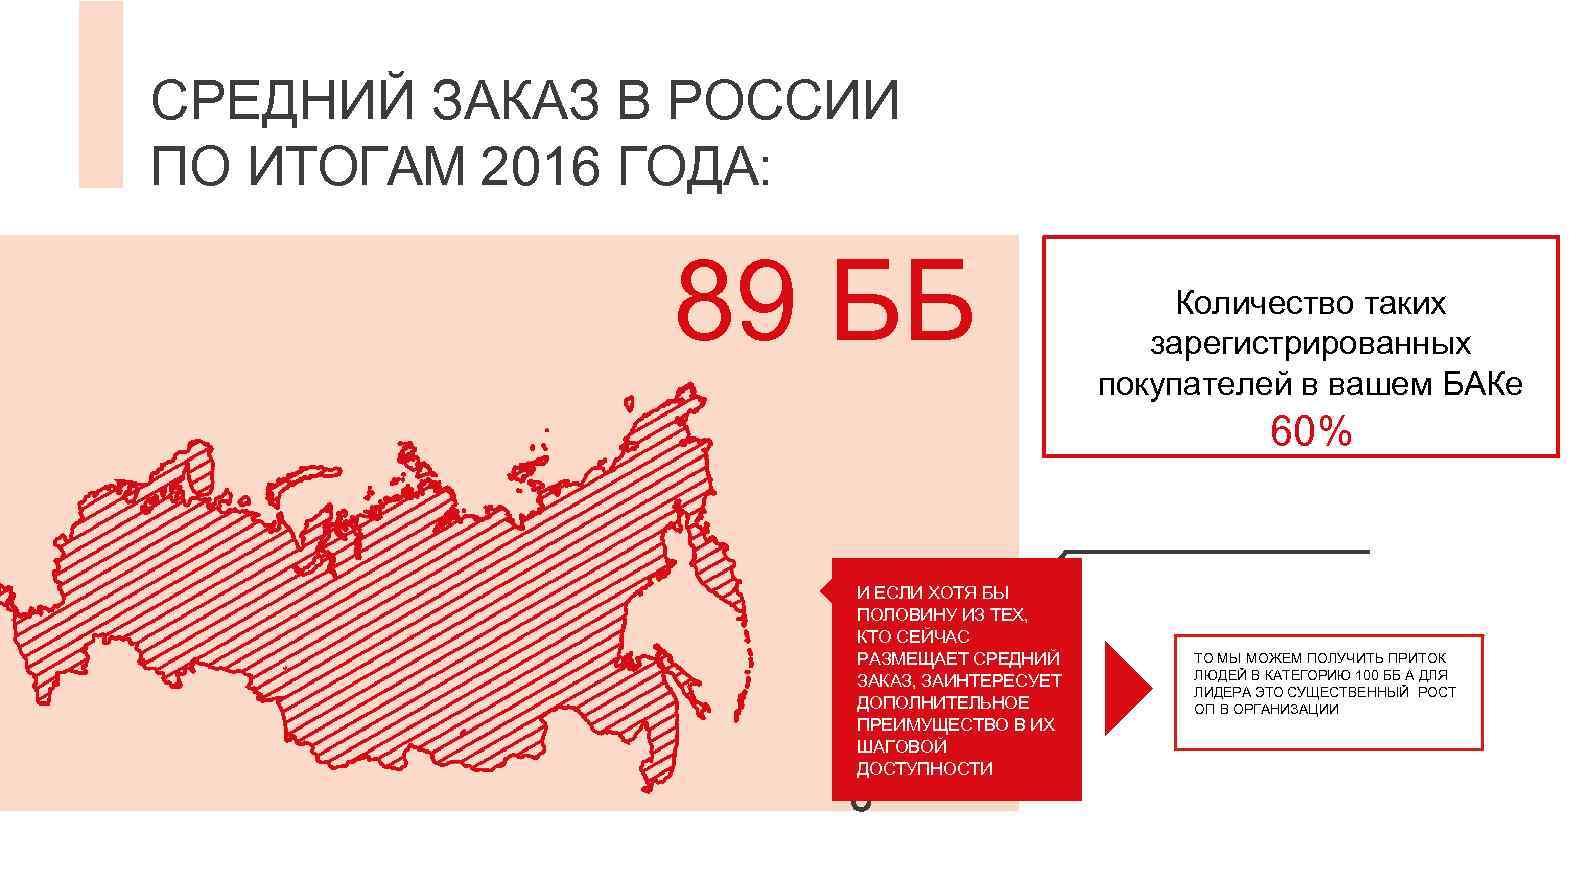 СРЕДНИЙ ЗАКАЗ В РОССИИ ПО ИТОГАМ 2016 ГОДА: 89 ББ Количество таких зарегистрированных покупателей